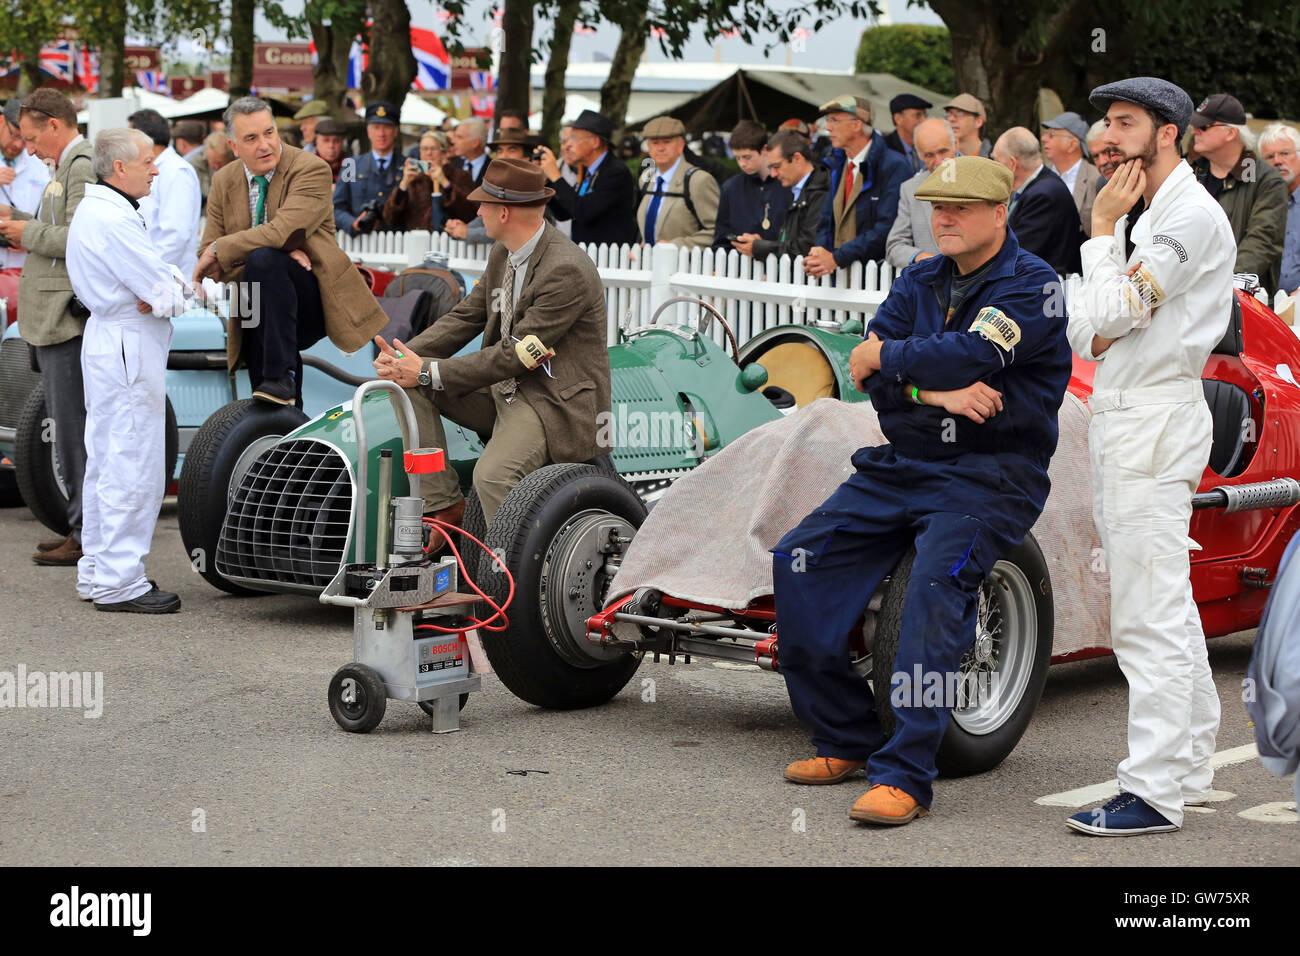 Das Goodwood Revival ist eine dreitägige Festival jedes Jahr im September im Goodwood Circuit seit 1998 für Stockbild